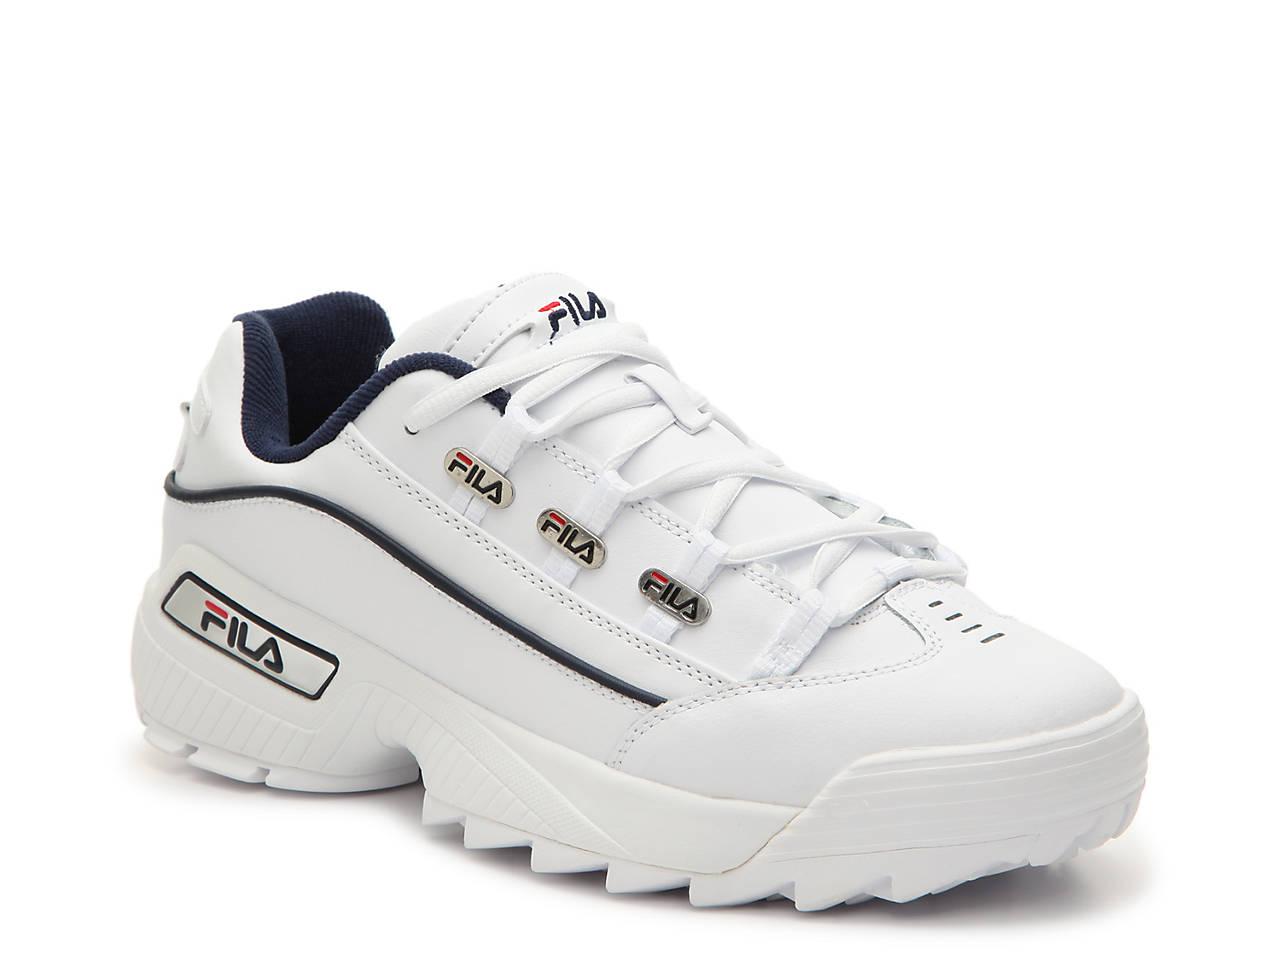 dec41c8fda Hometown Sneaker - Men's